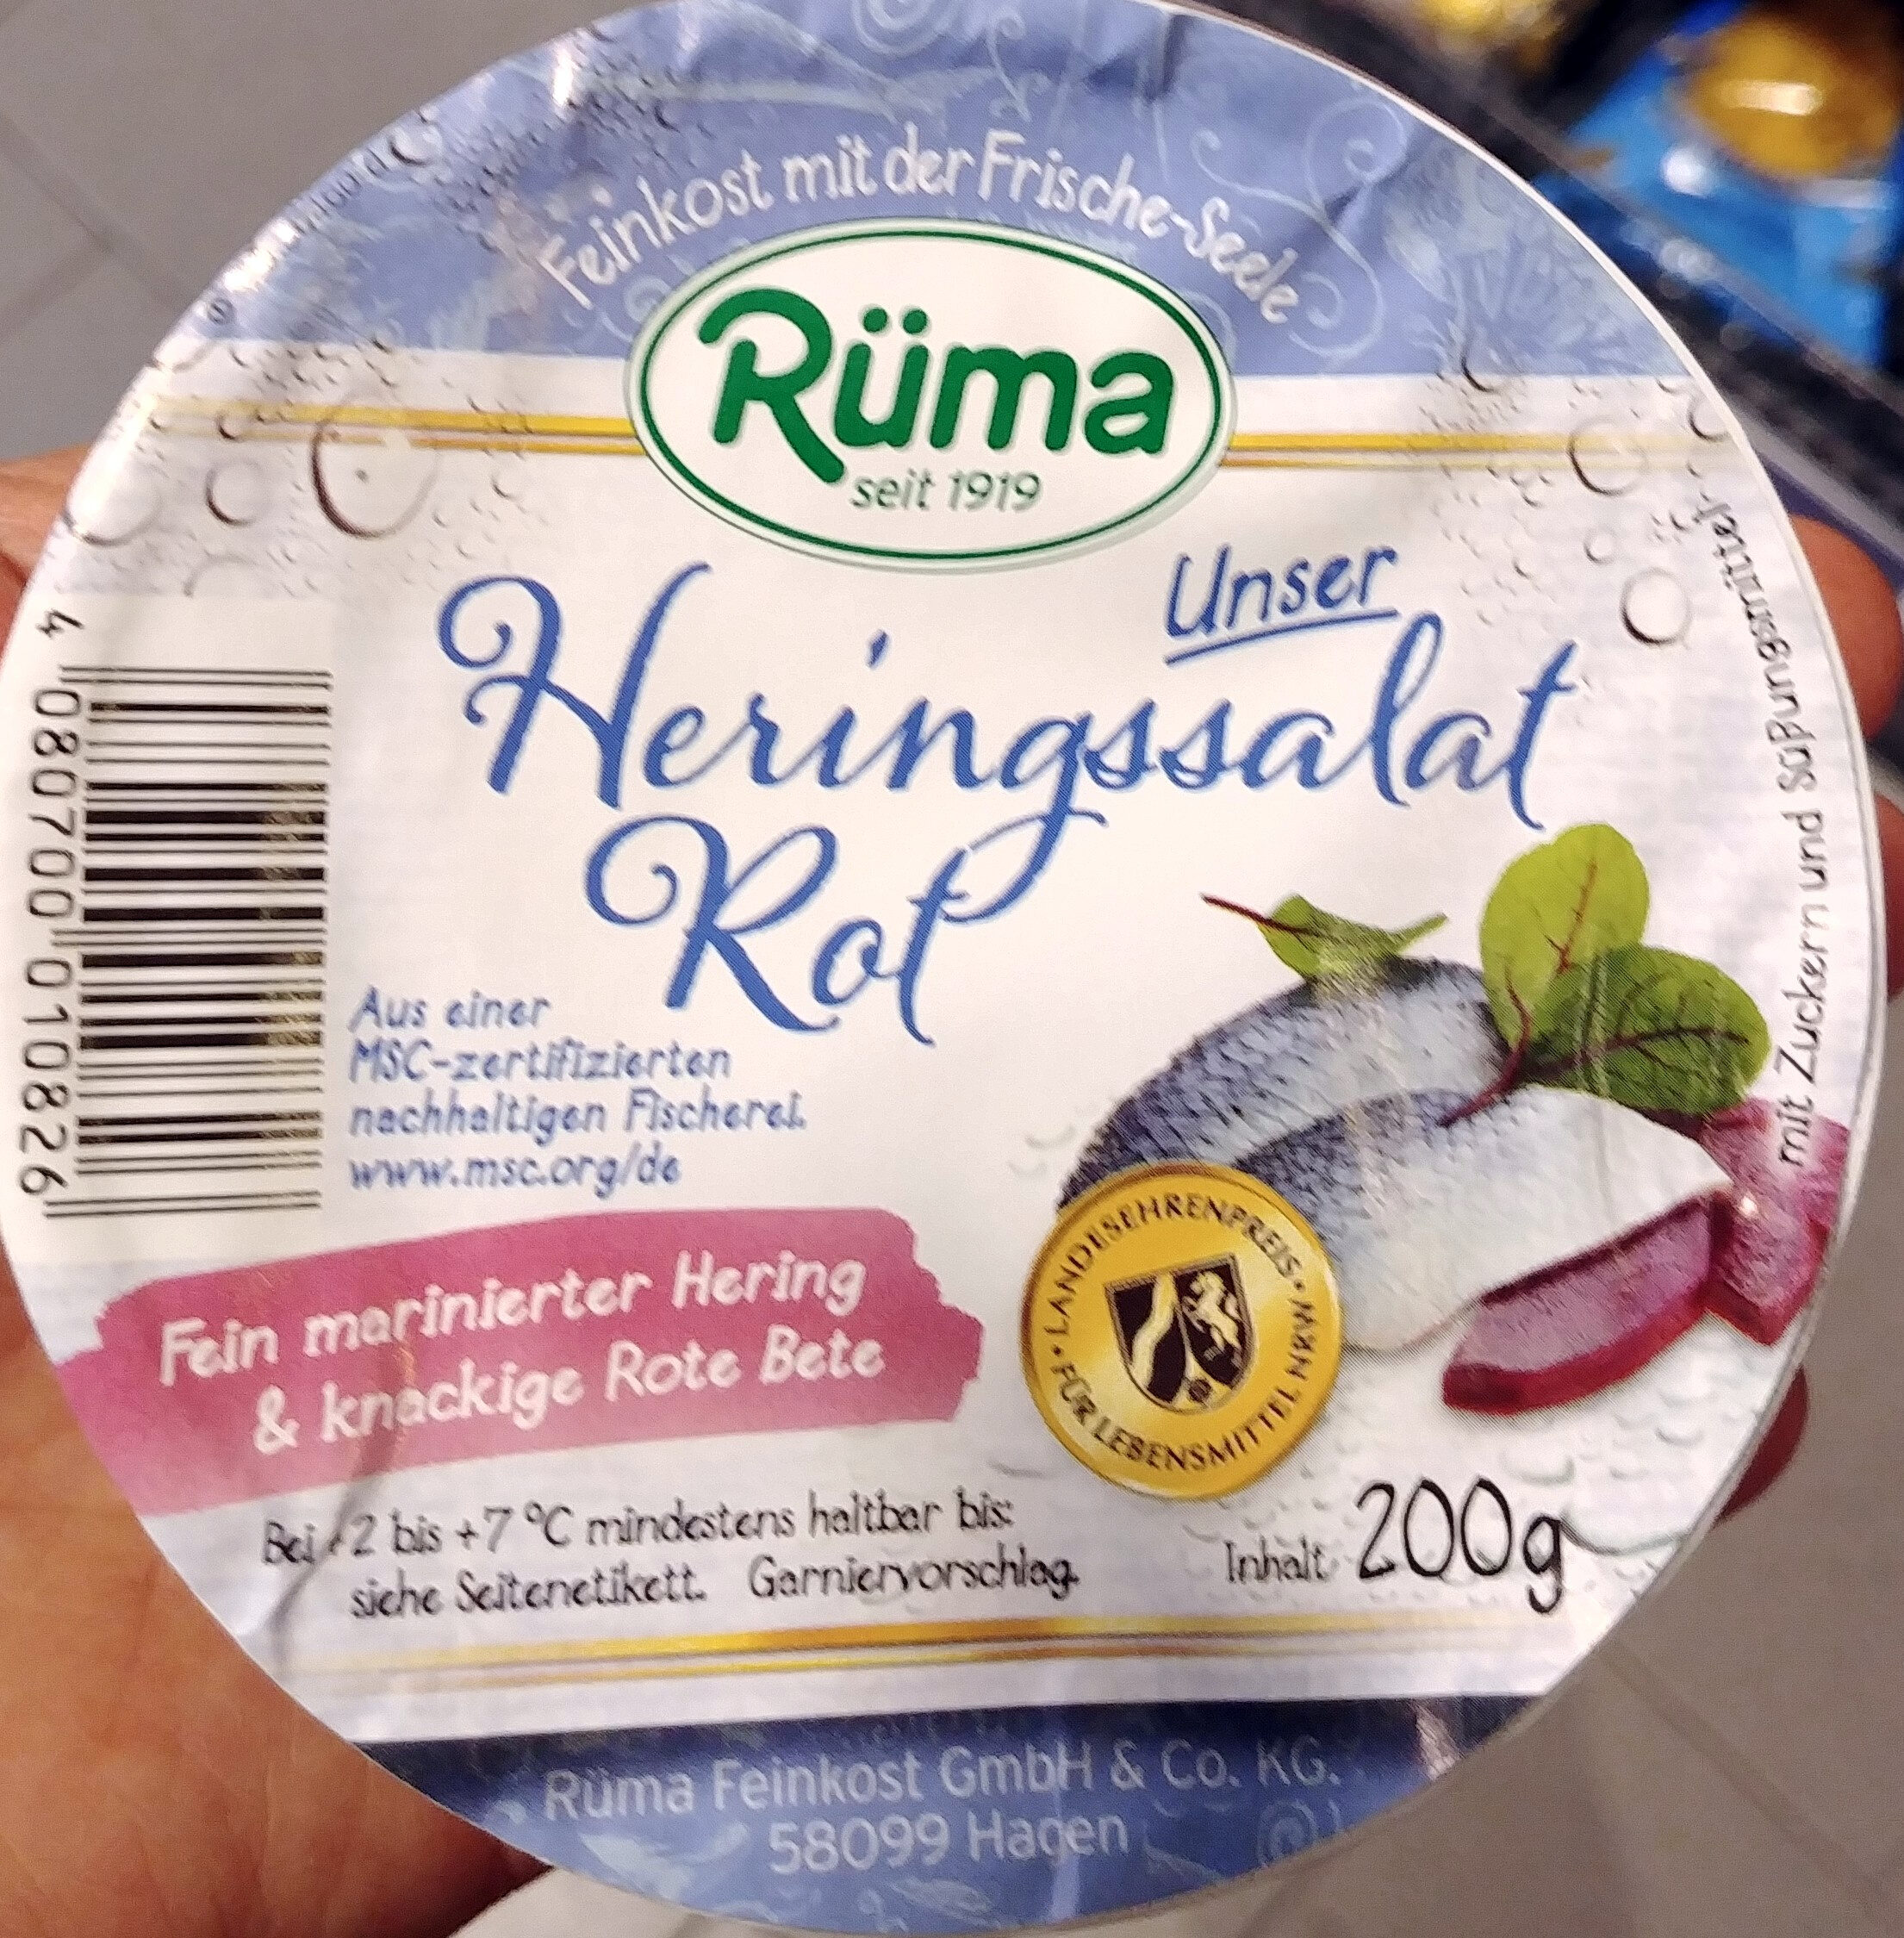 Heringssalat Rot mit Zuckern und Sussungsmittel - Product - de